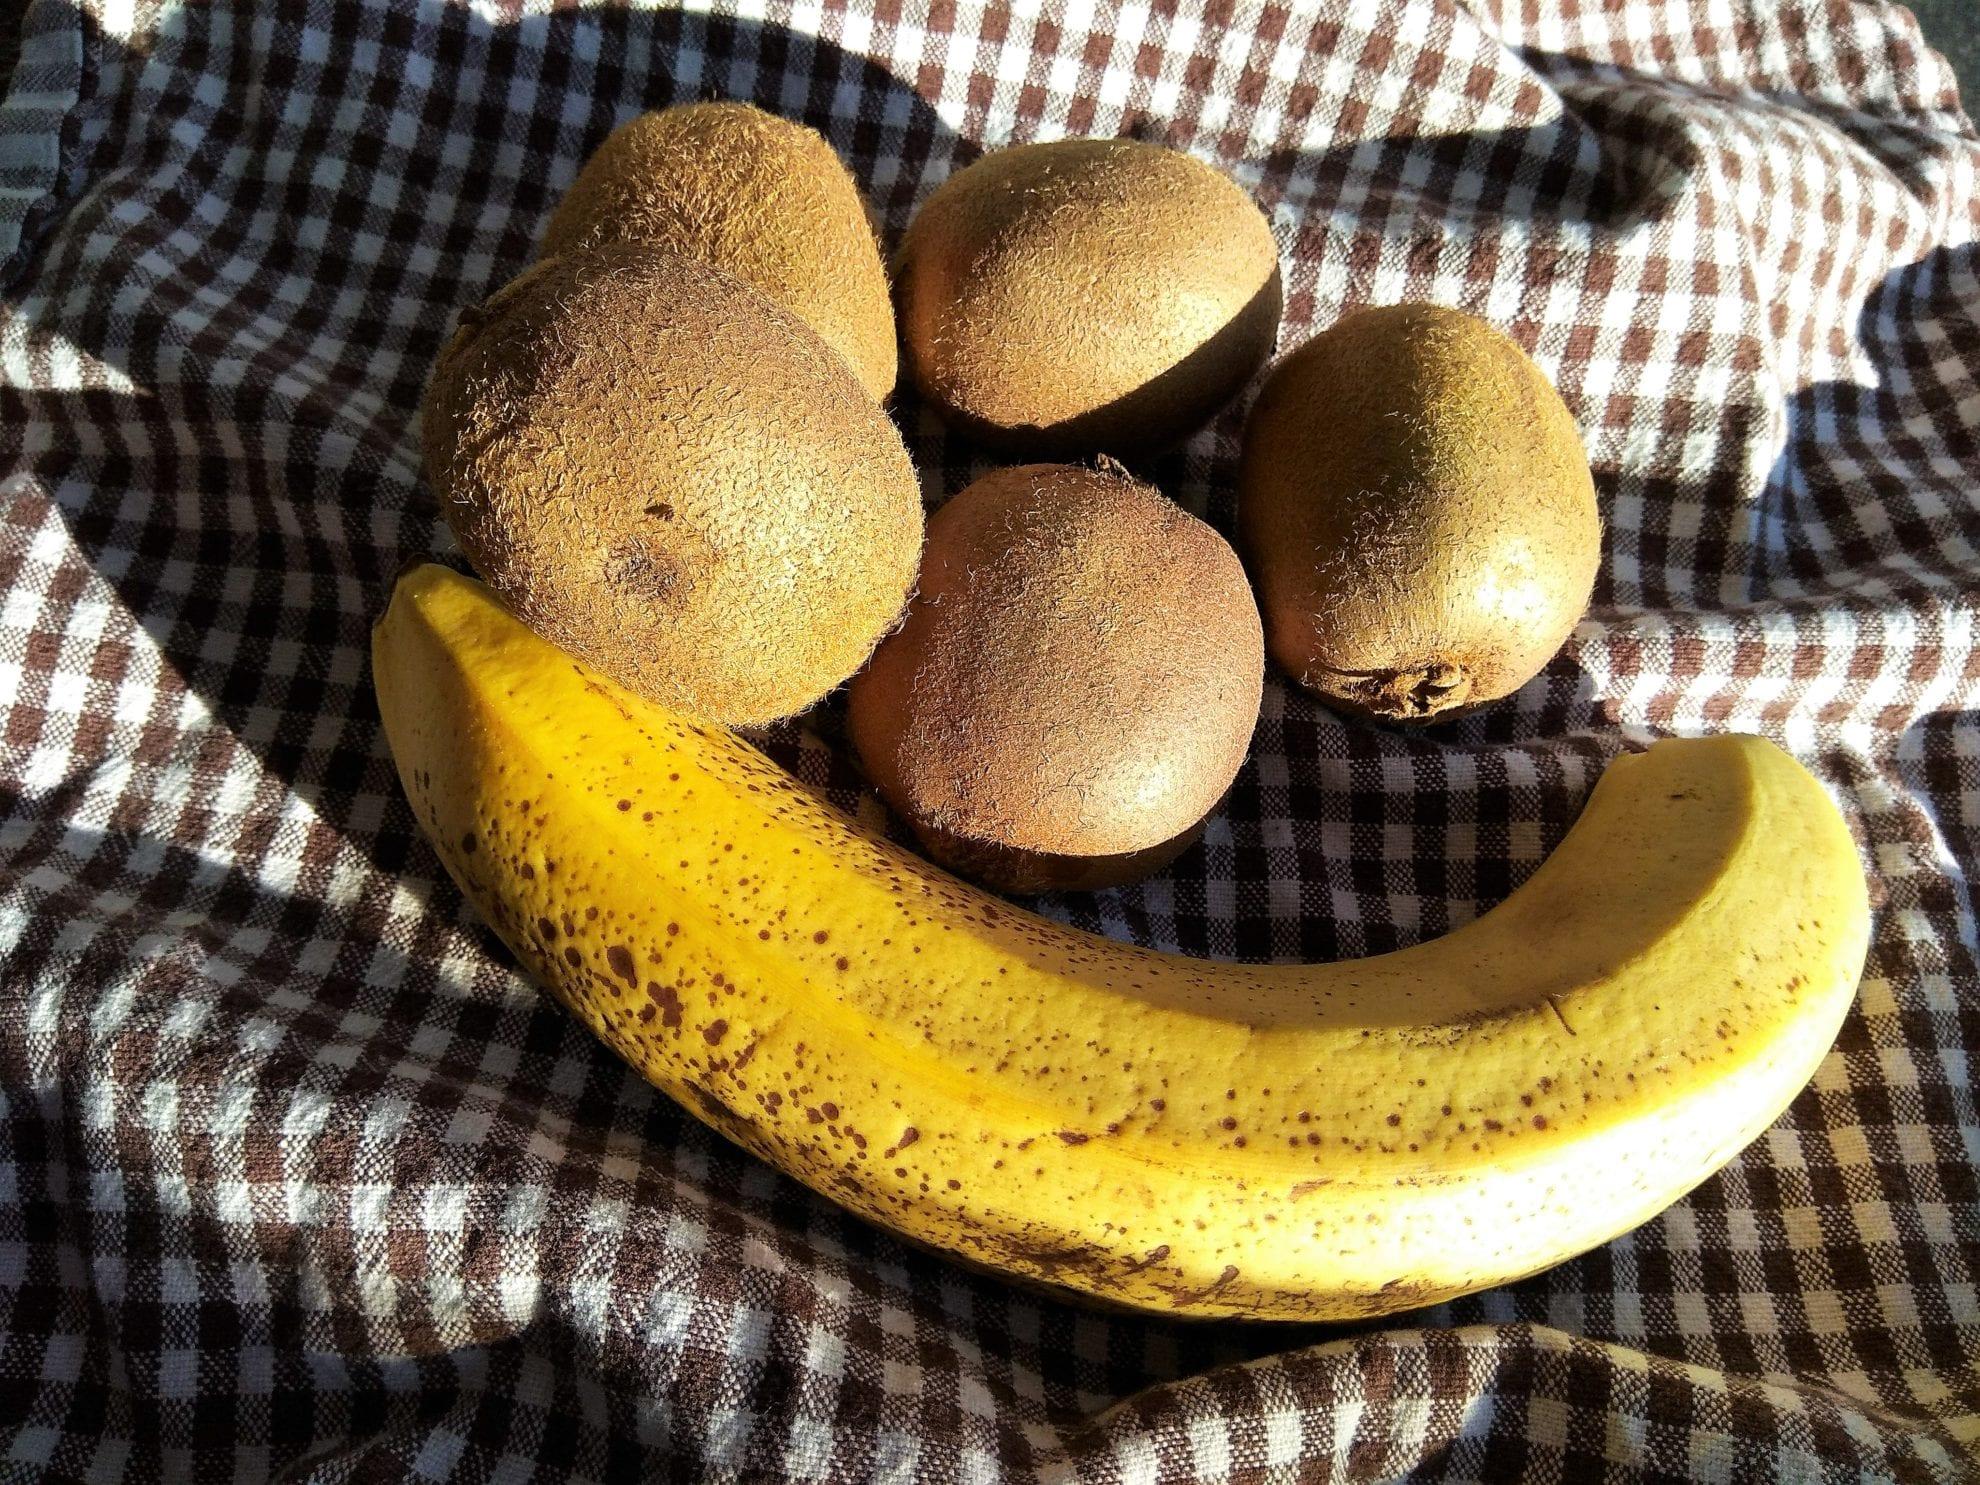 Die Zutaten für zuckerfreie Kiwimarmelade mit Chiasamen, clean eating, Ernährungsumstellung und gesund Abnehmen